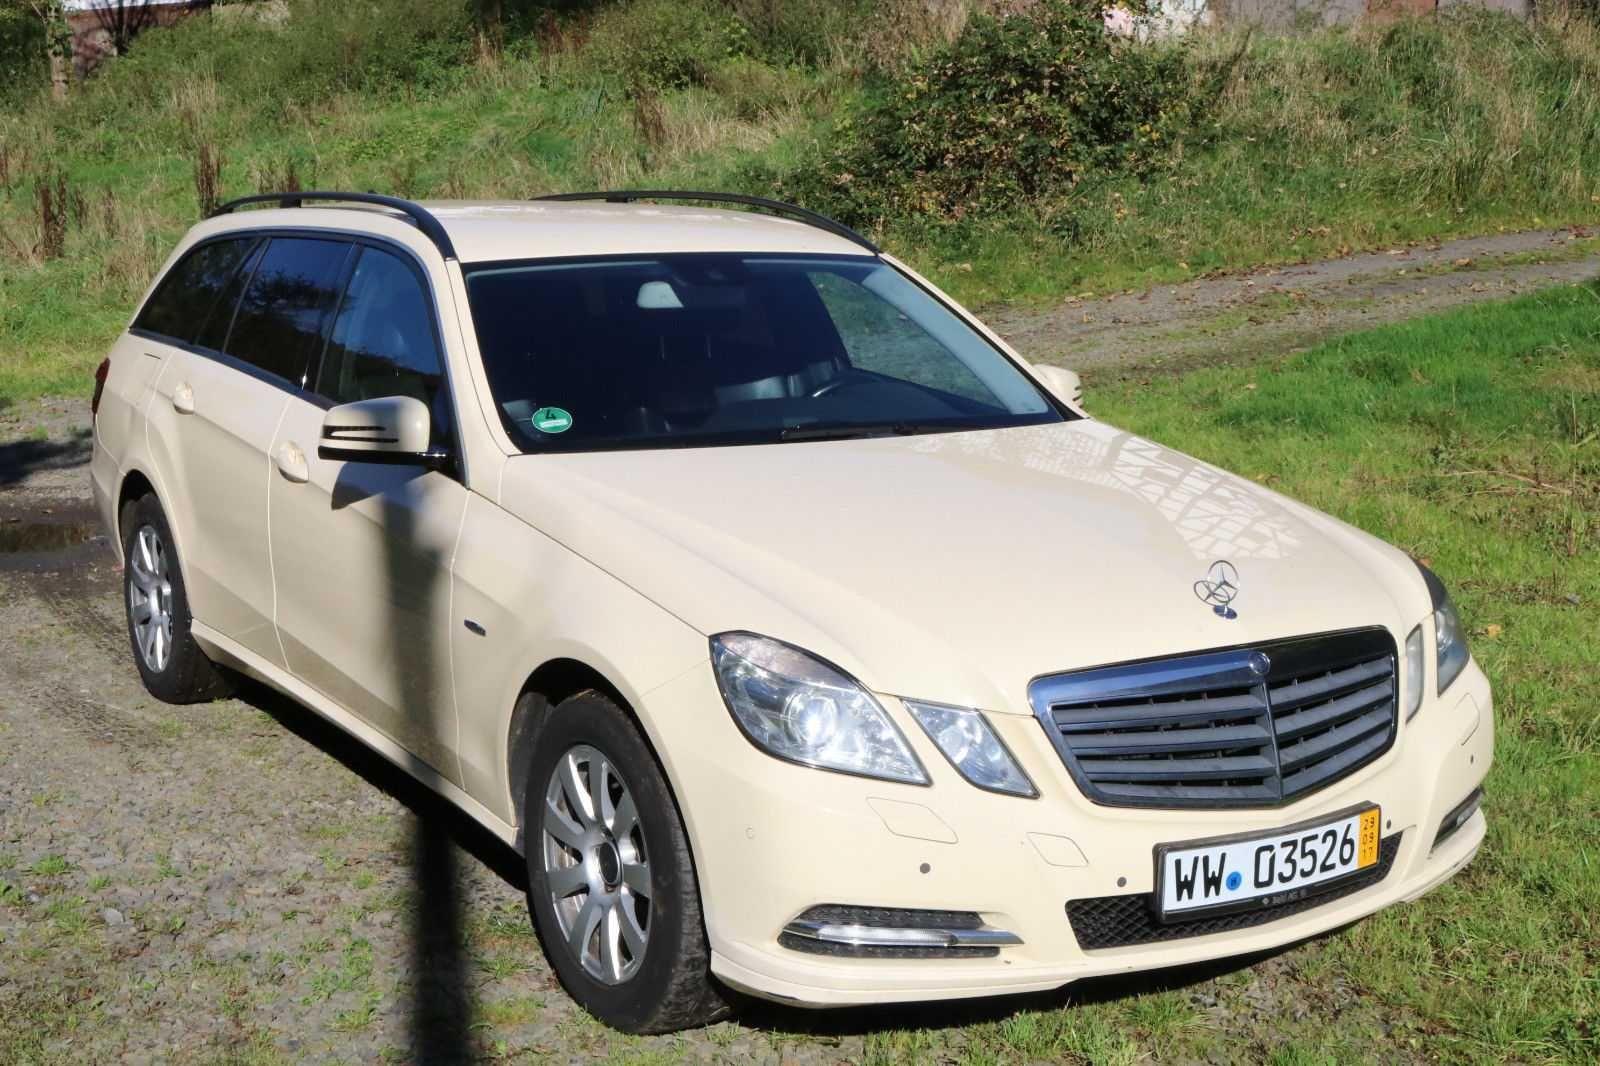 Mercedes-Benz E 200 T CDI DPF BlueEFFICIENCY ( Austauschmotor 140.000 km)   Check more at https://0nlineshop.de/mercedes-benz-e-200-t-cdi-dpf-blueefficiency-austauschmotor-140-000-km/